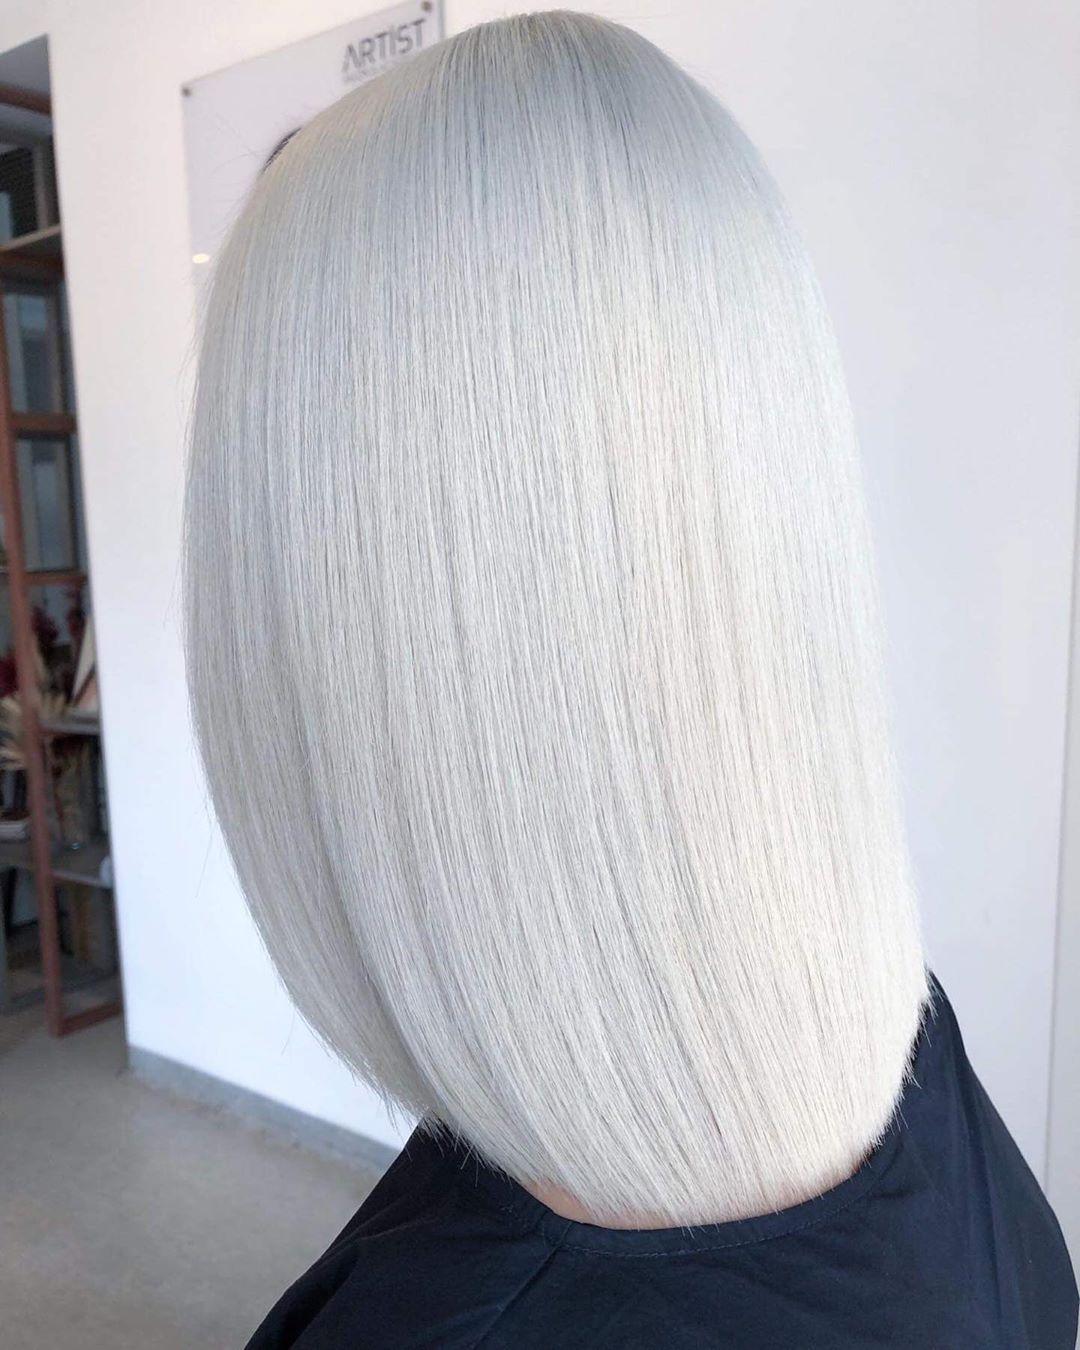 Artist Salon Academy On Instagram White Hair Lucianbusuioc Wellahair Hairinspo Ghdhair Hairoftheday Haircolor Whit Ghd Hair Blunt Hair Wella Hair